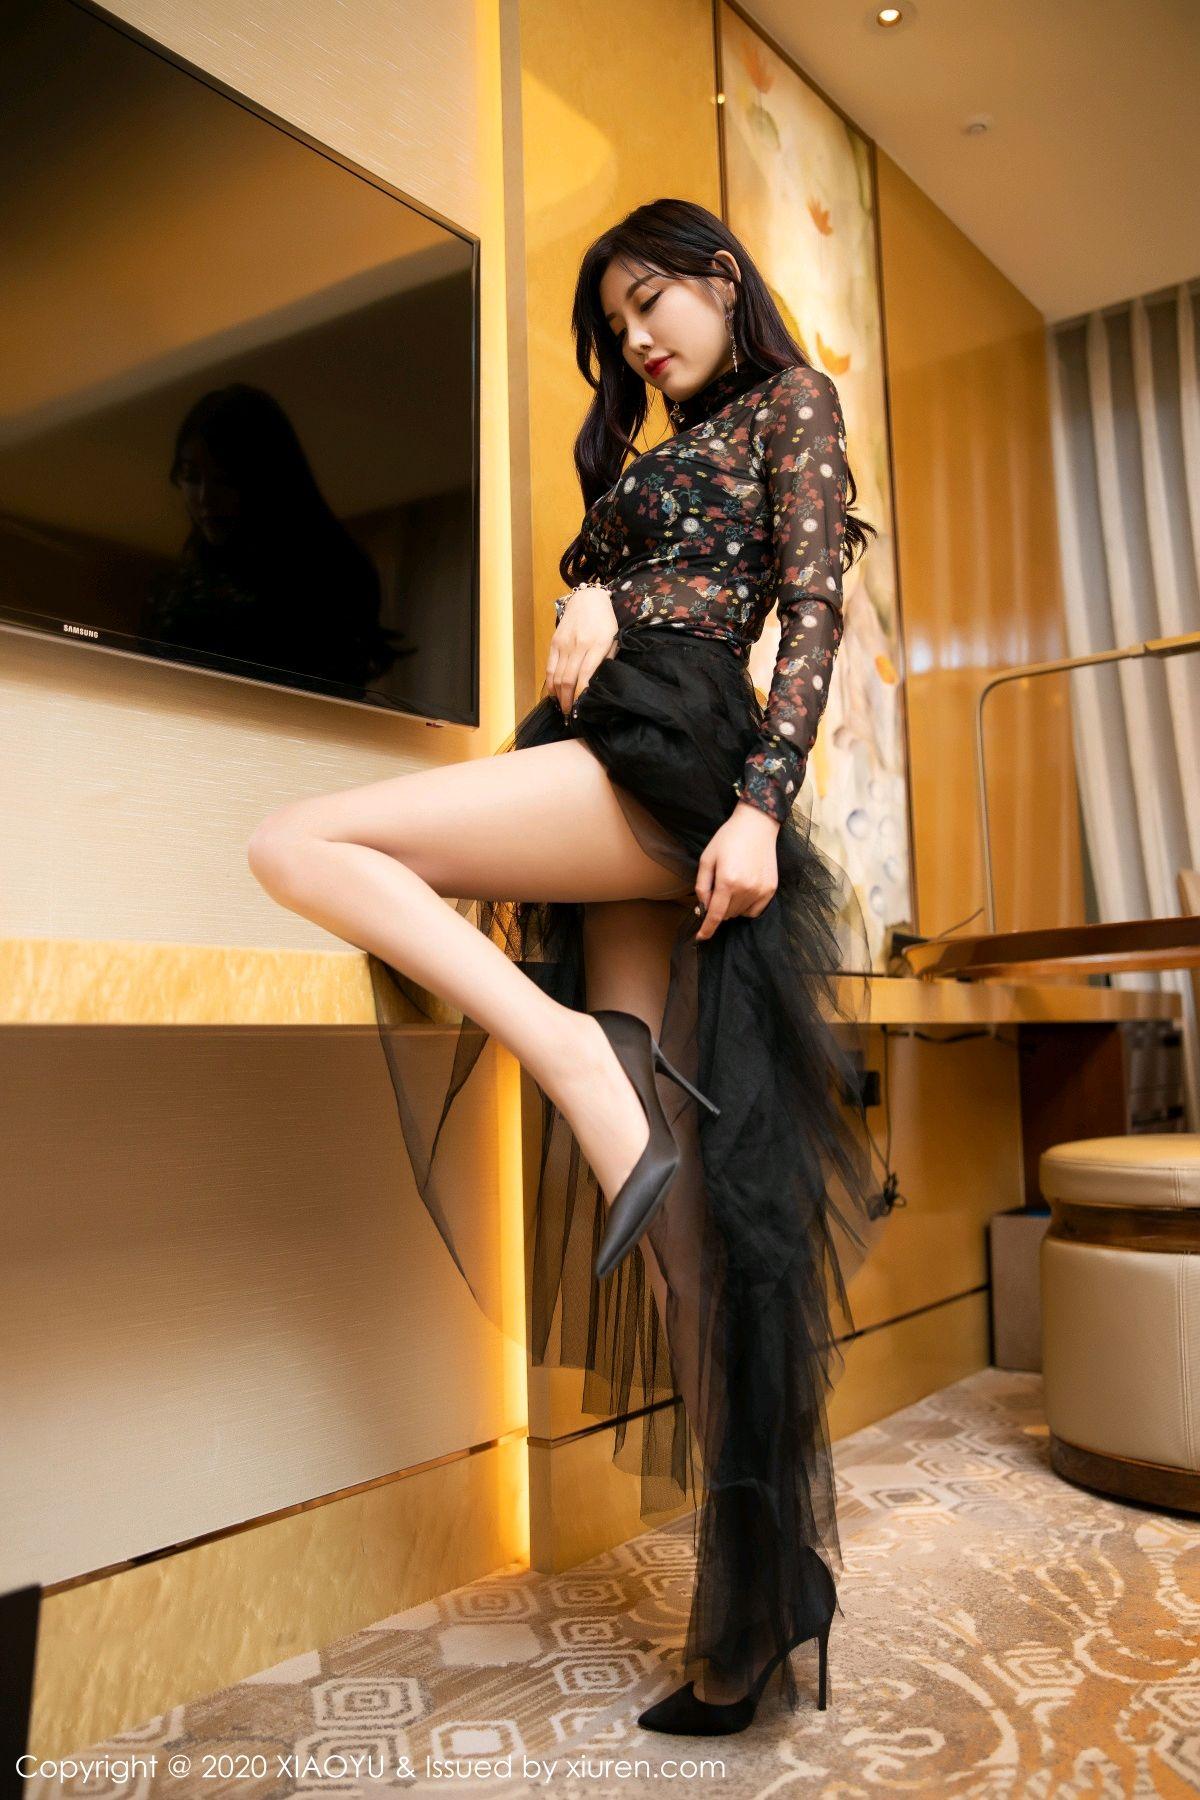 [XiaoYu] Vol.289 Yang Chen Chen 1P, Underwear, XiaoYu, Yang Chen Chen